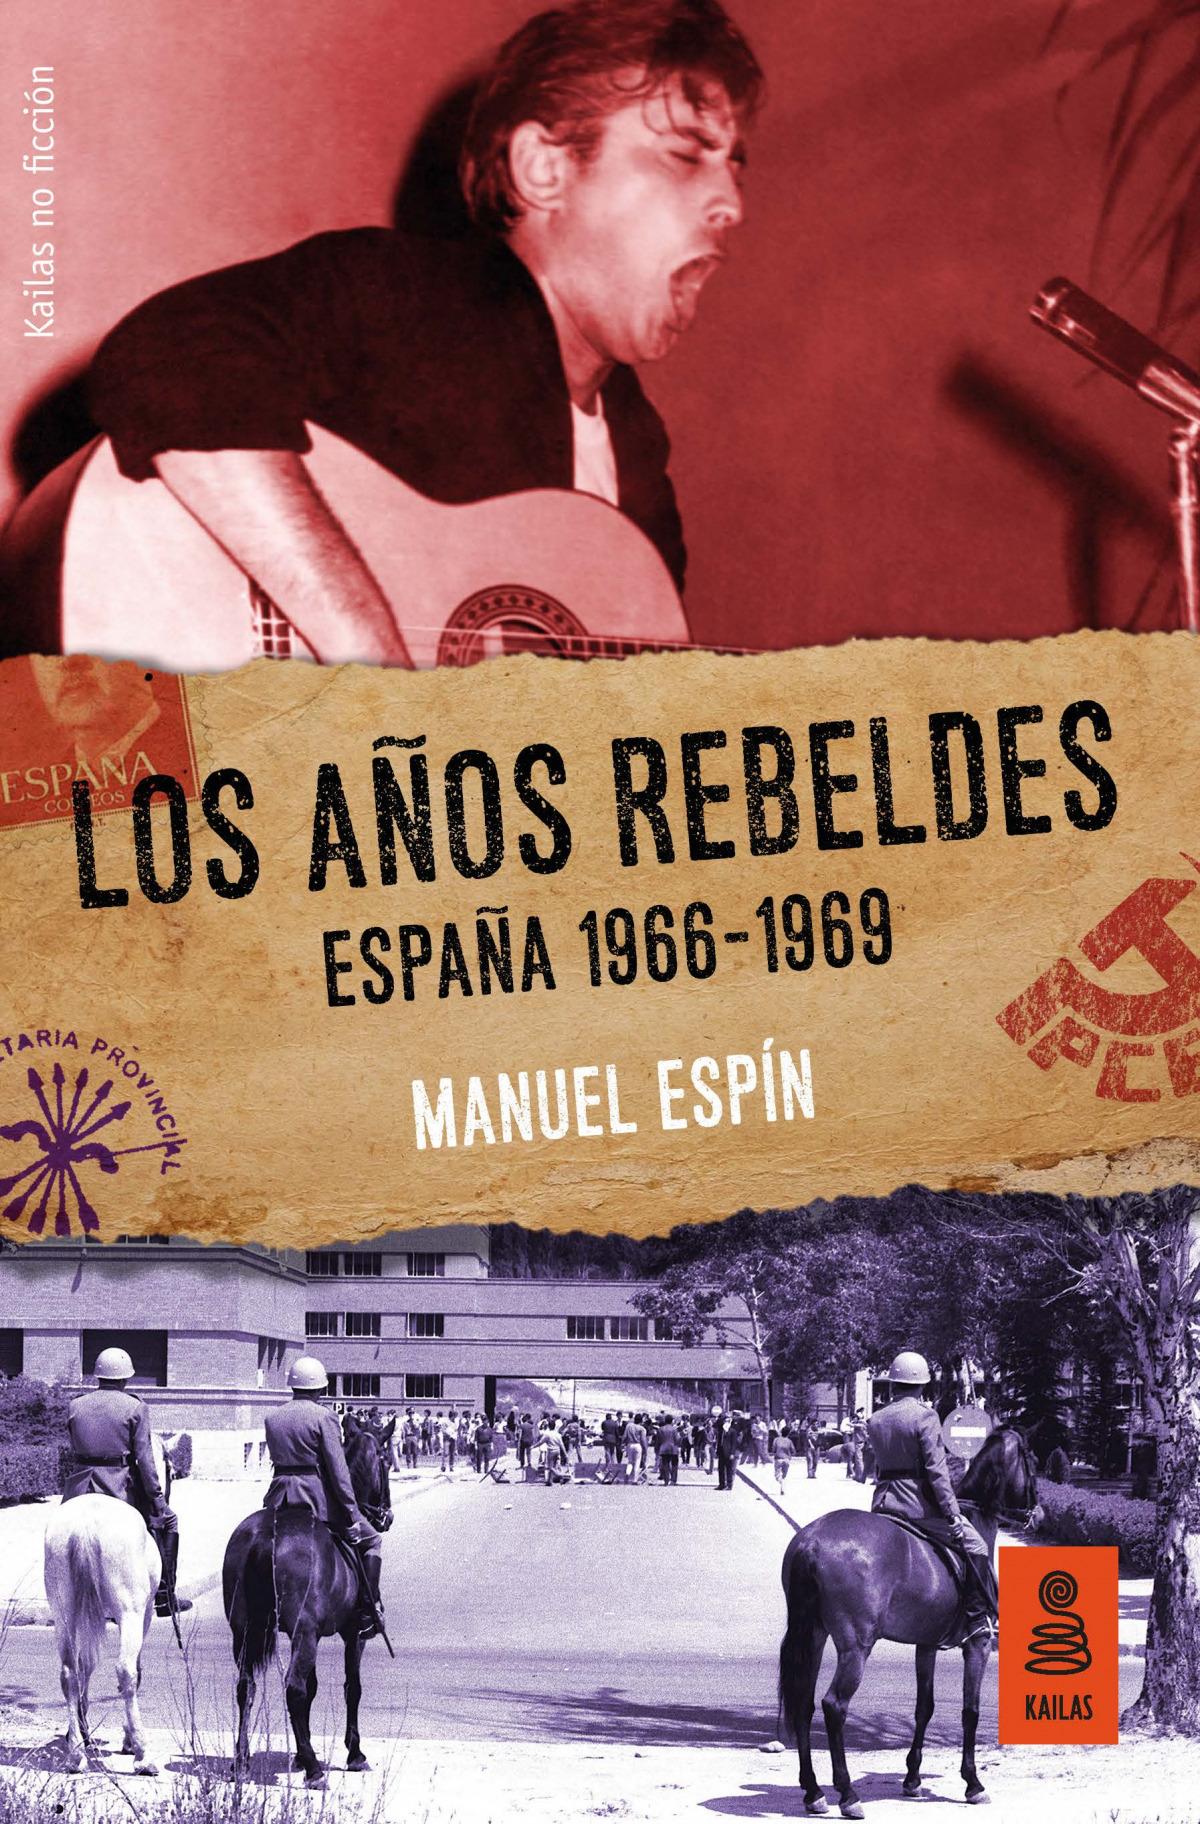 LOS AñOS REBELDES 9788417248277